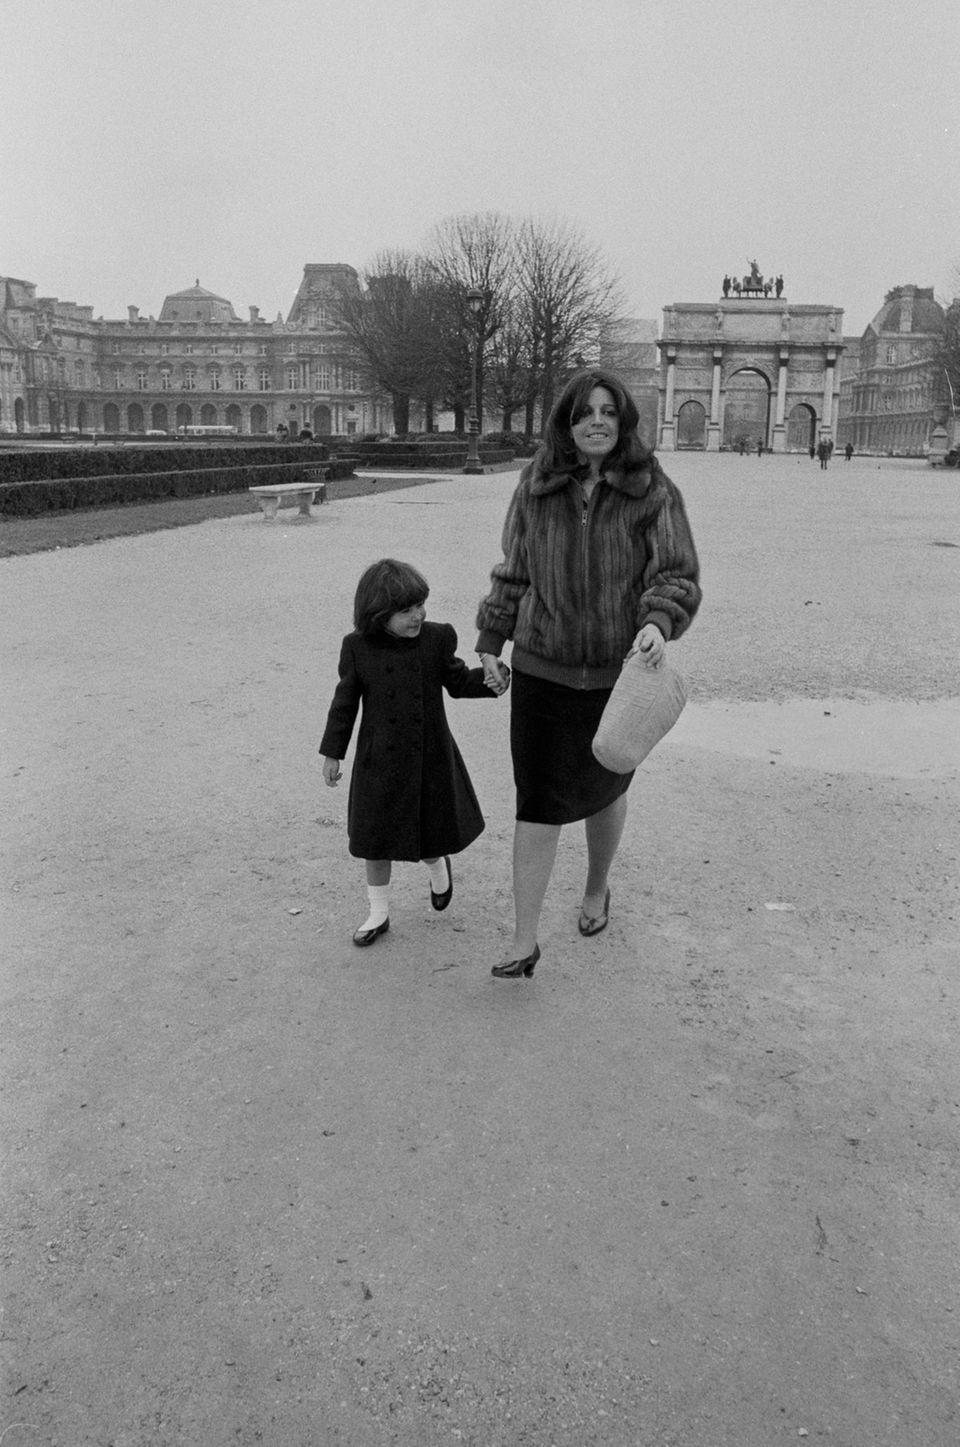 Athina Hélène Onassis de Miranda kommt 1985in Neuilly-sur-Seine bei Paris zur Welt. Ihre Mutter Christina Onassis leidet Zeit ihres Lebens an Depressionen und verstirbt im Alter von nur 37 Jahren an einem Herzinfarkt. Ihre Tochter Athina, in vierter Ehe mit Thierry Roussel geboren, ist damals gerade drei Jahre alt.